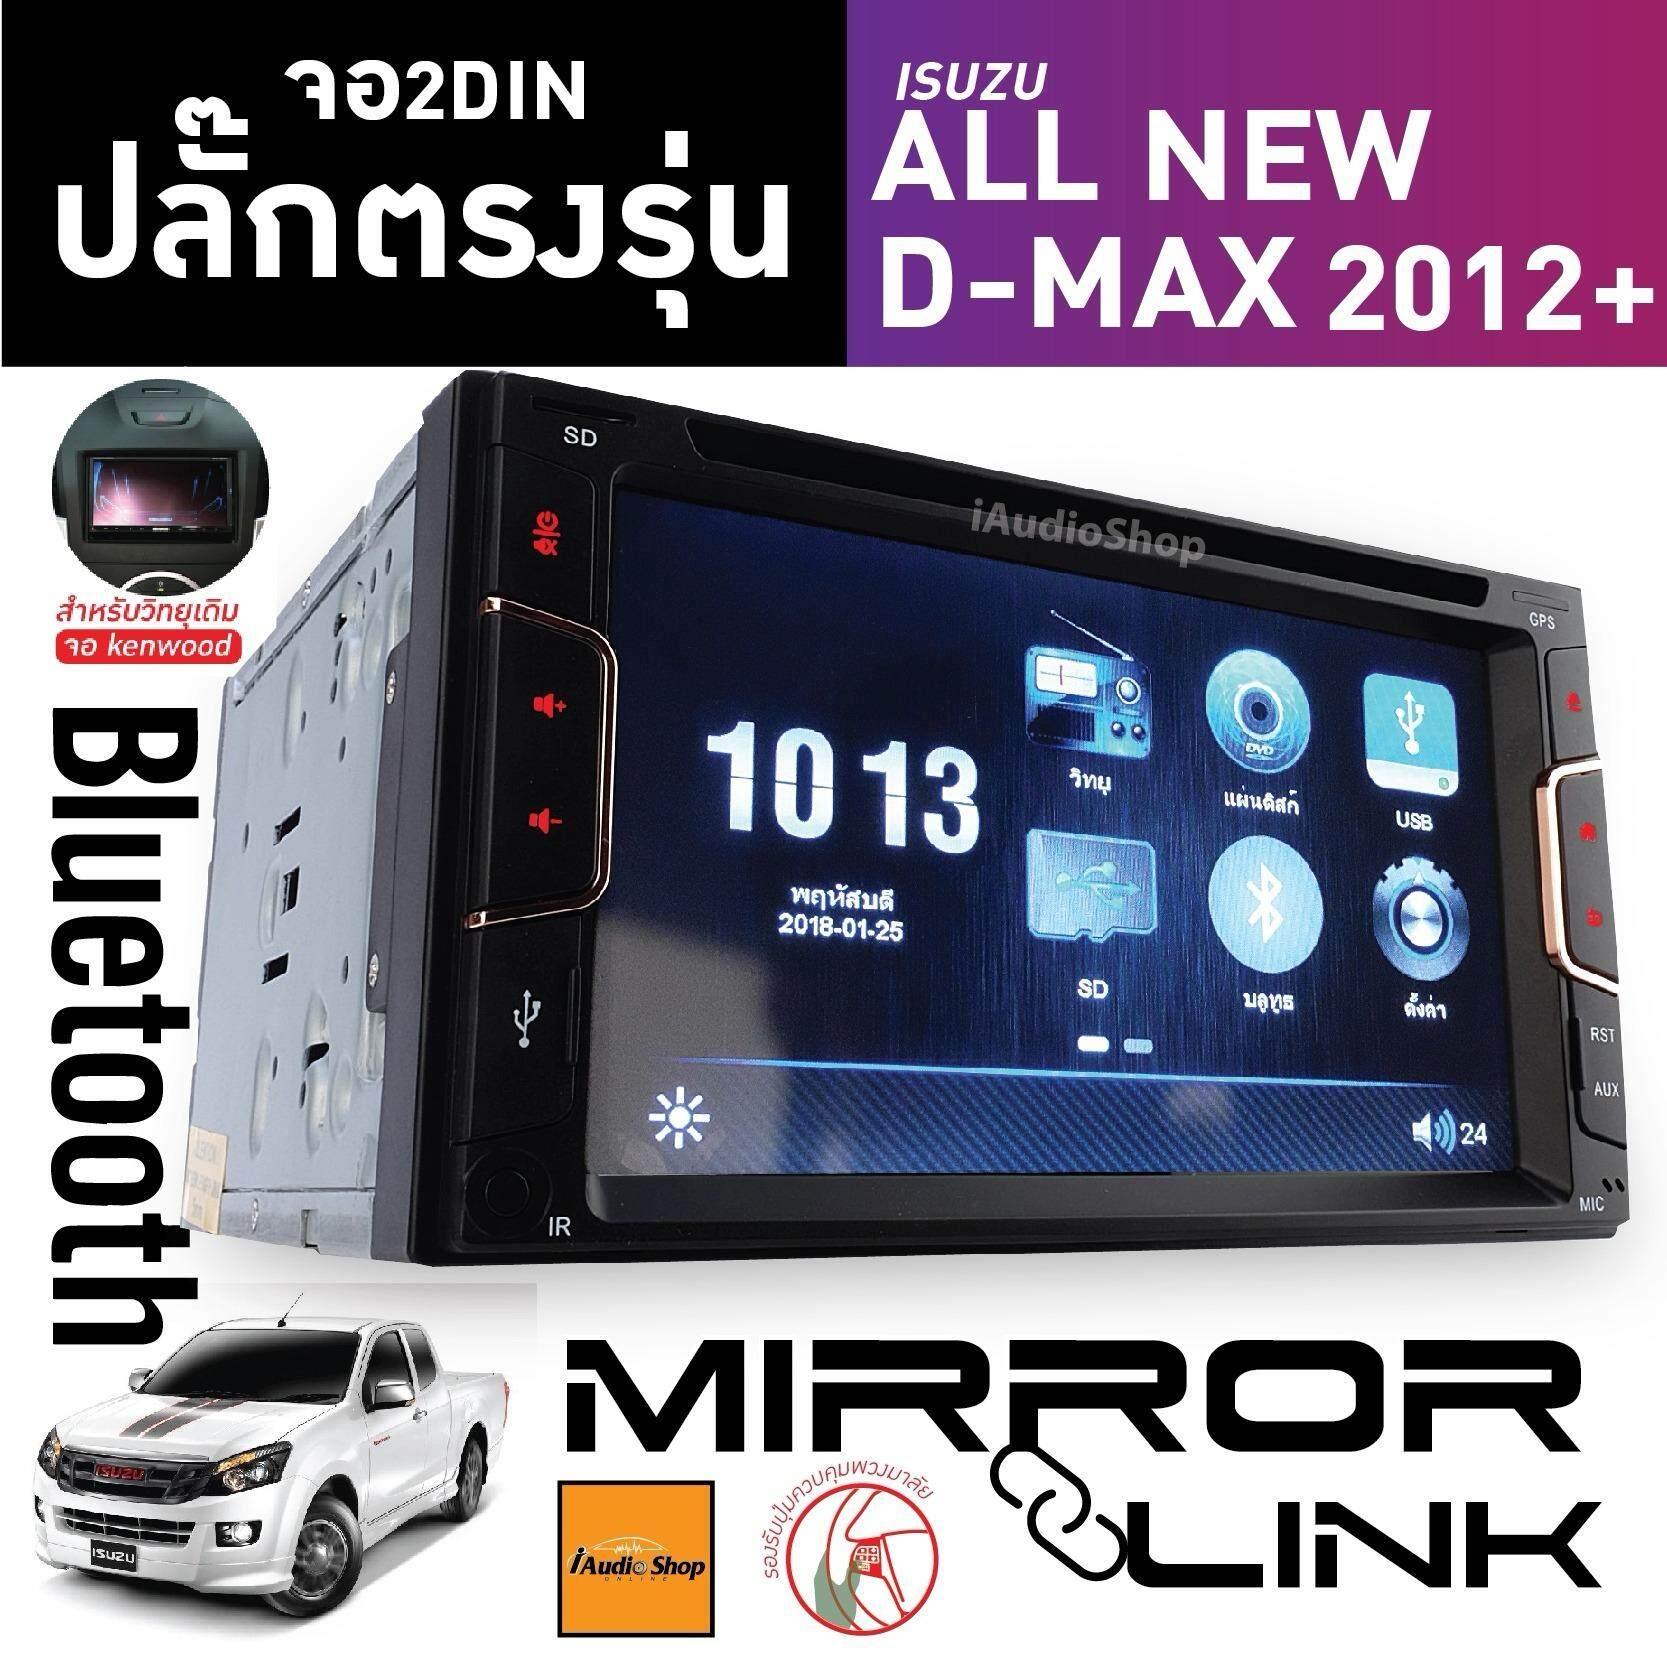 ขาย Black Magic ปลั๊กตรงรุ่น ระบบมิลเลอร์ลิงค์ วิทยุติดรถยนต์ จอติดรถยนต์ จอ2Din วิทยุ2Din จอตรงรุ่น Bmg 6517 Mirror Link อีซูสุ ออลนิว ดีแมค All New Dmax 12 15 ปลั๊กตรงรุ่นไม่ต้องตัดต่อสายไฟ สำหรับวิทยุเดิมเป็นจอKenwood ชุดนี้ไม่ต้องใช้หน้ากาก Black Magic